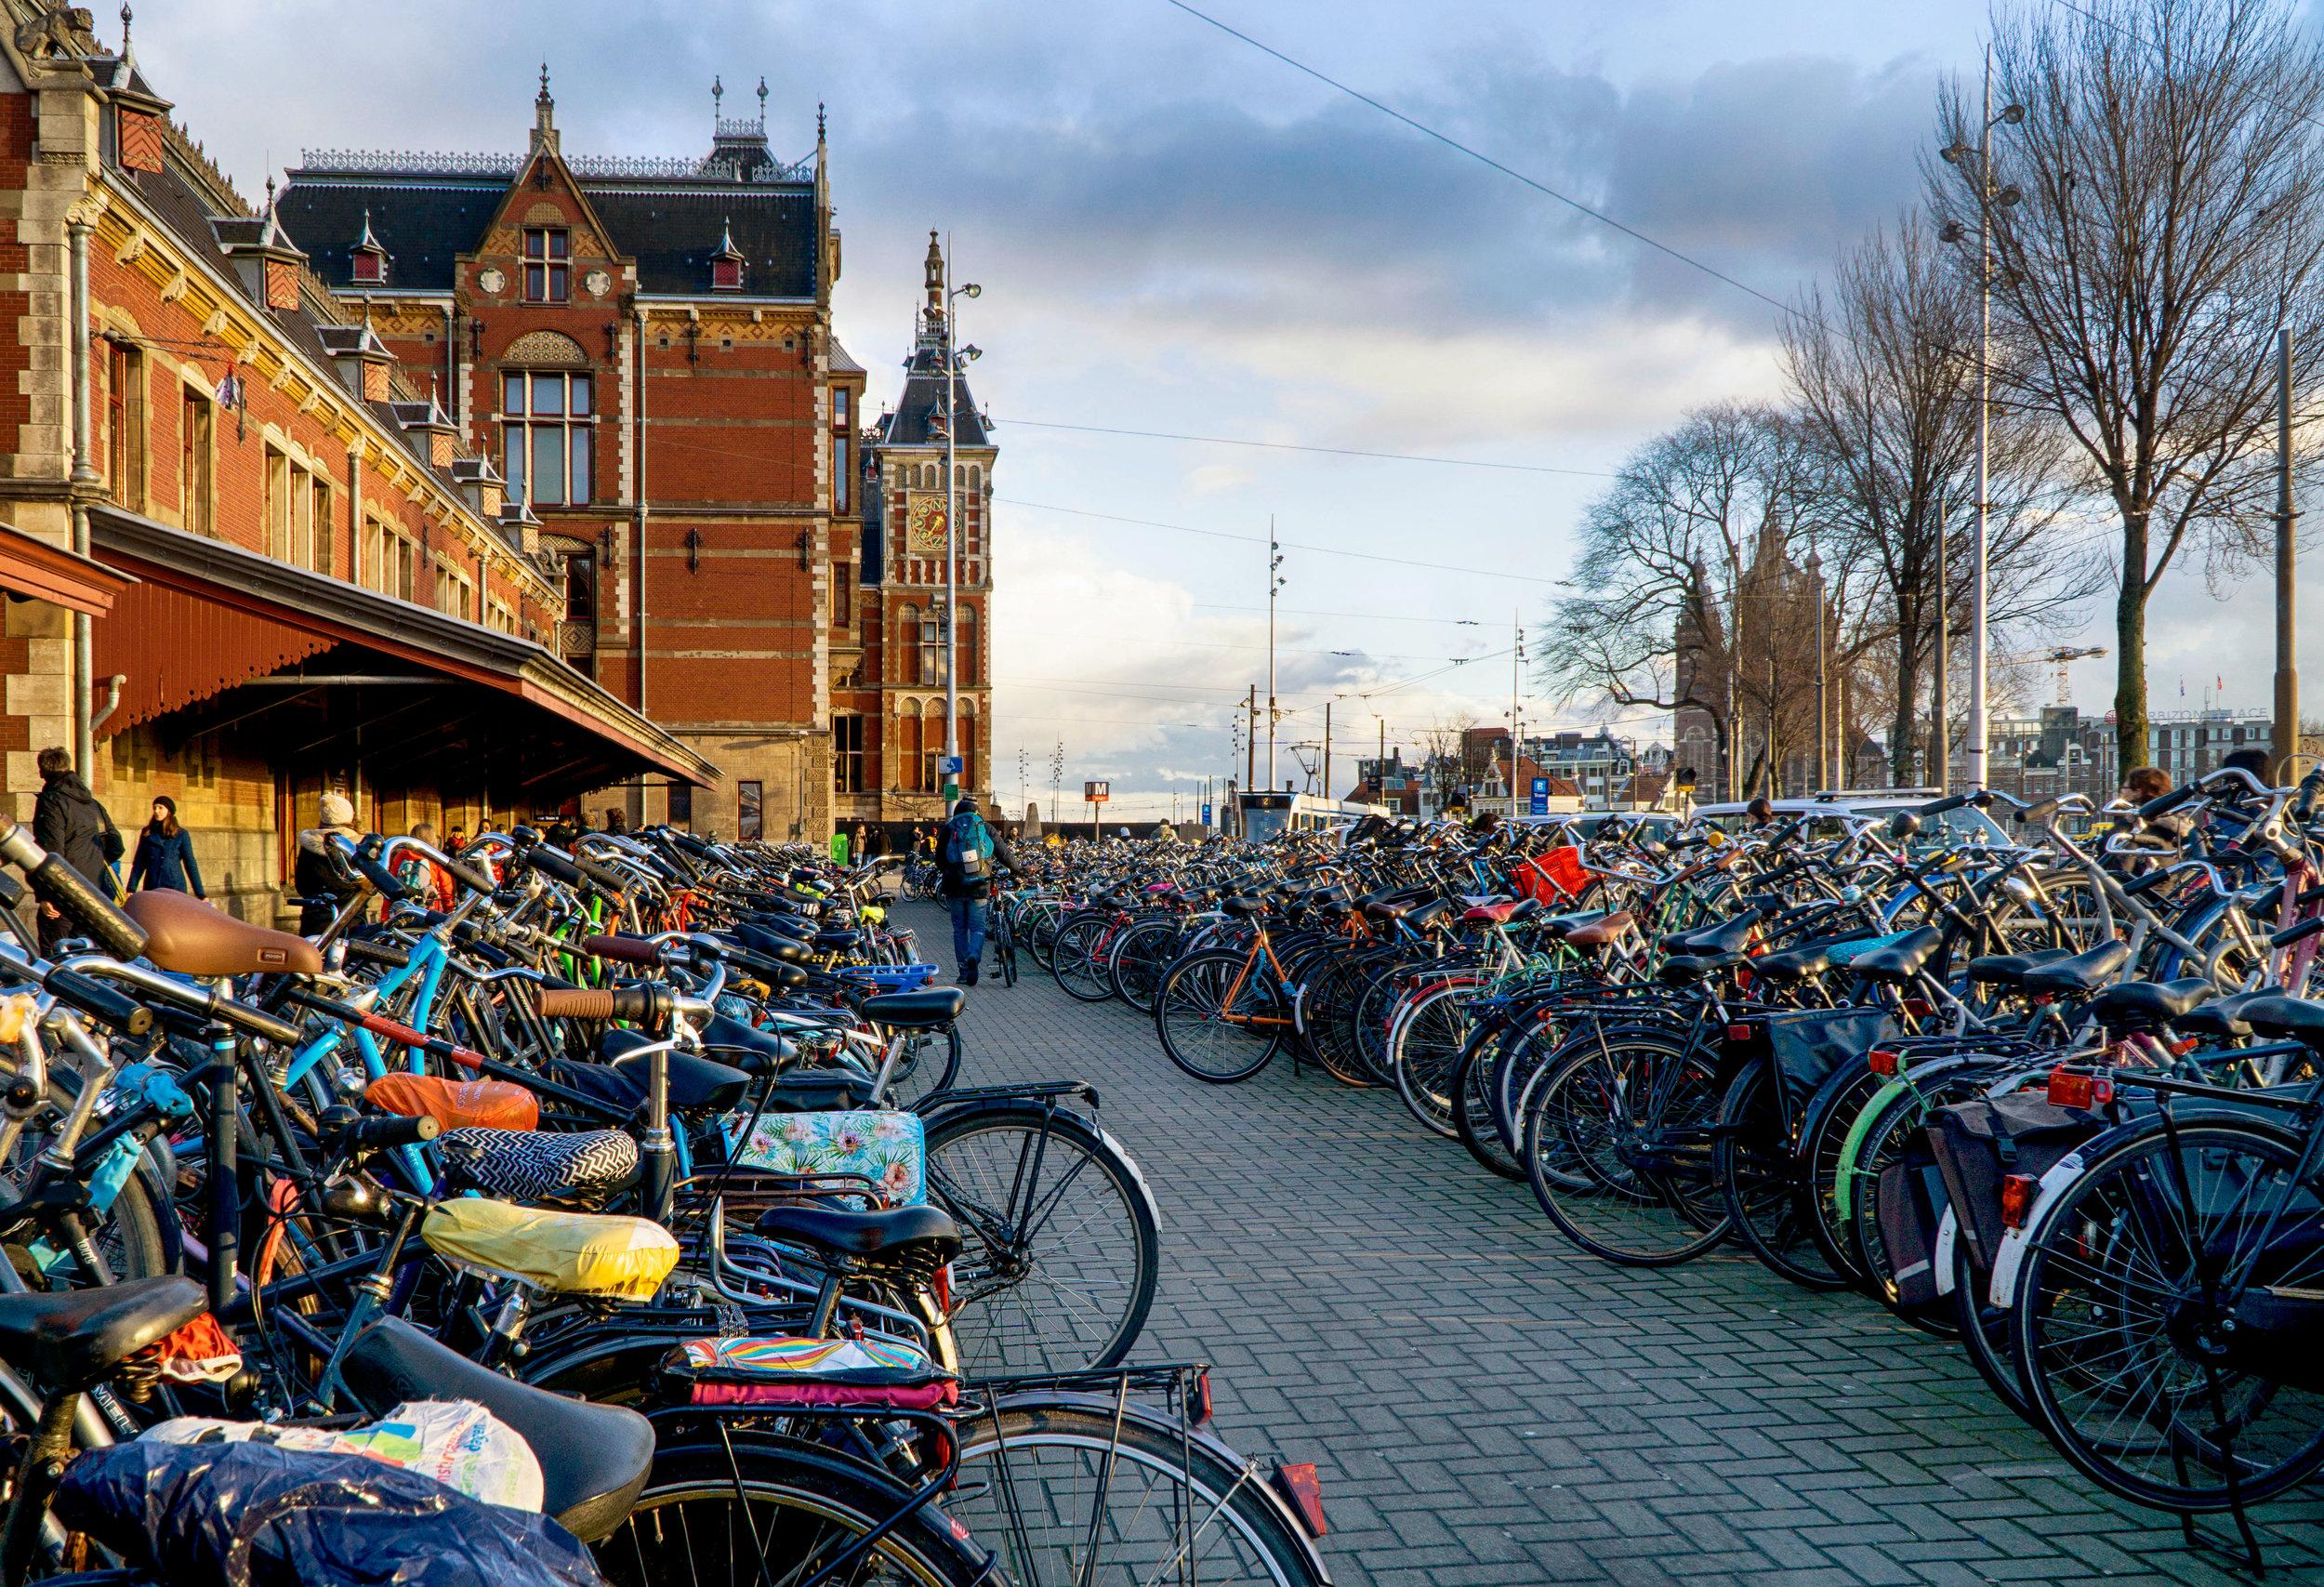 Amsterdam_vickygood_travel_photography5_sm.jpg